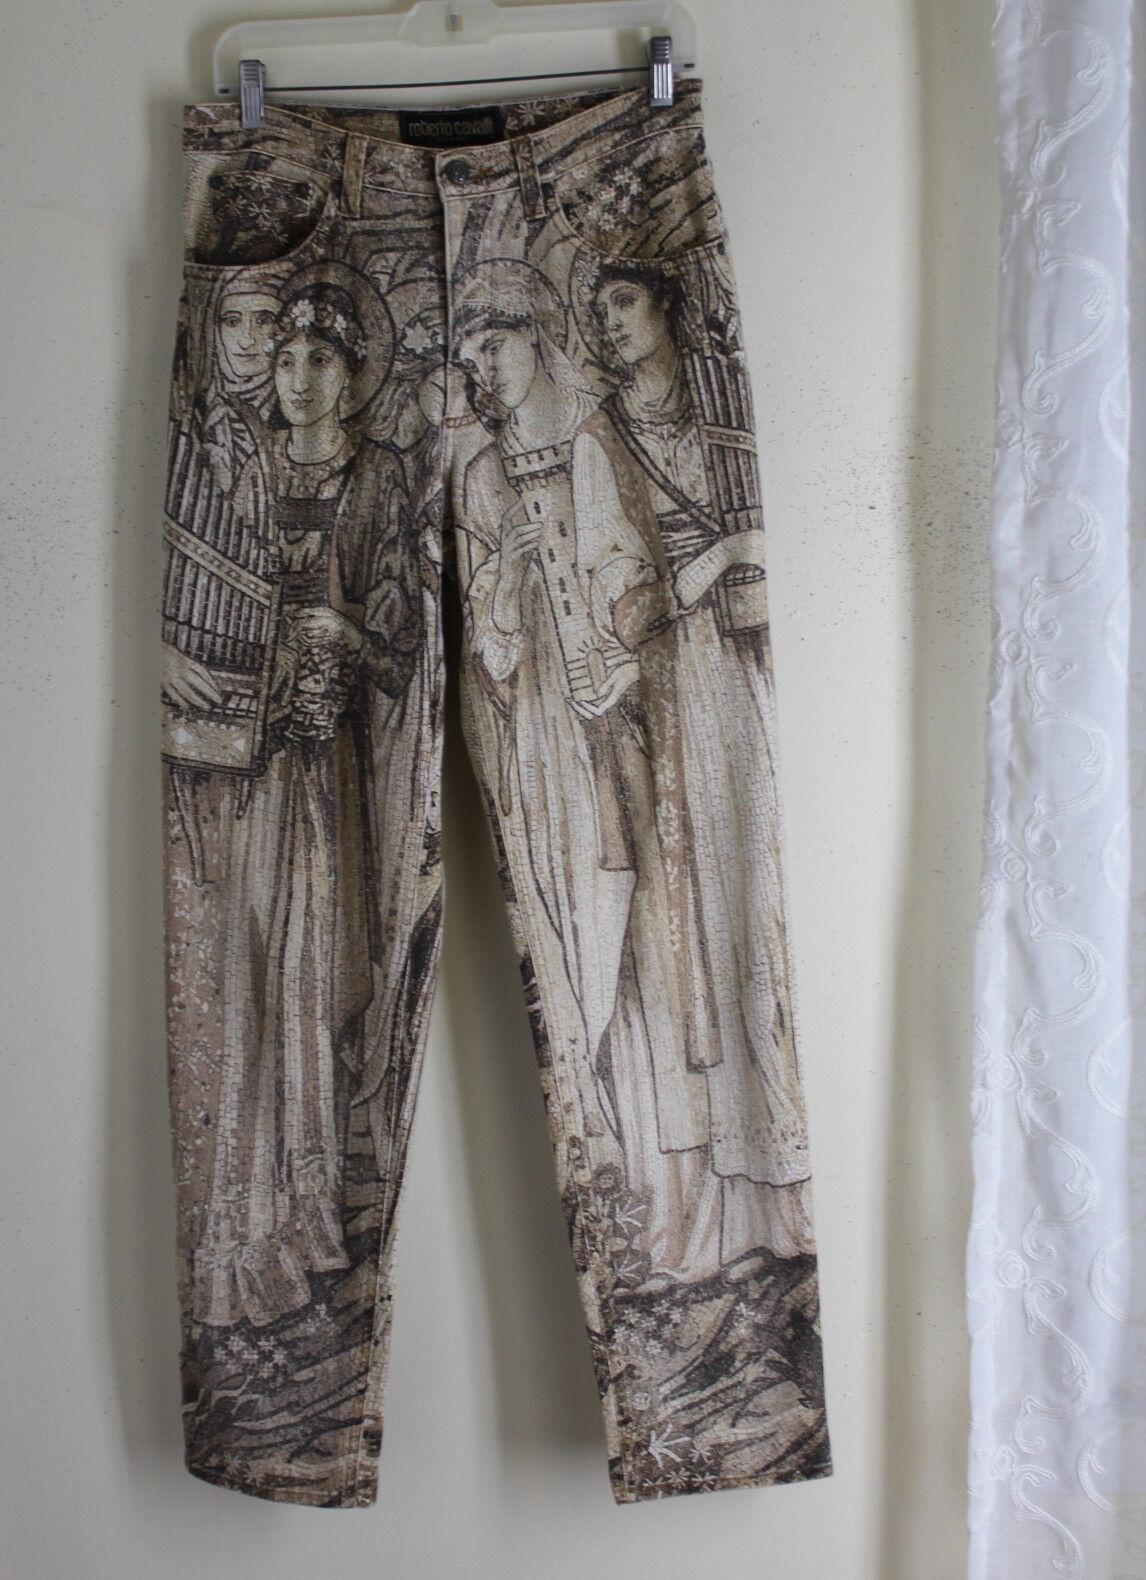 Roberto Cavalli Vintage 1990s 80s Pantalones De  Mosaico Arte Renacimiento italiano 8 10 12  venta con descuento